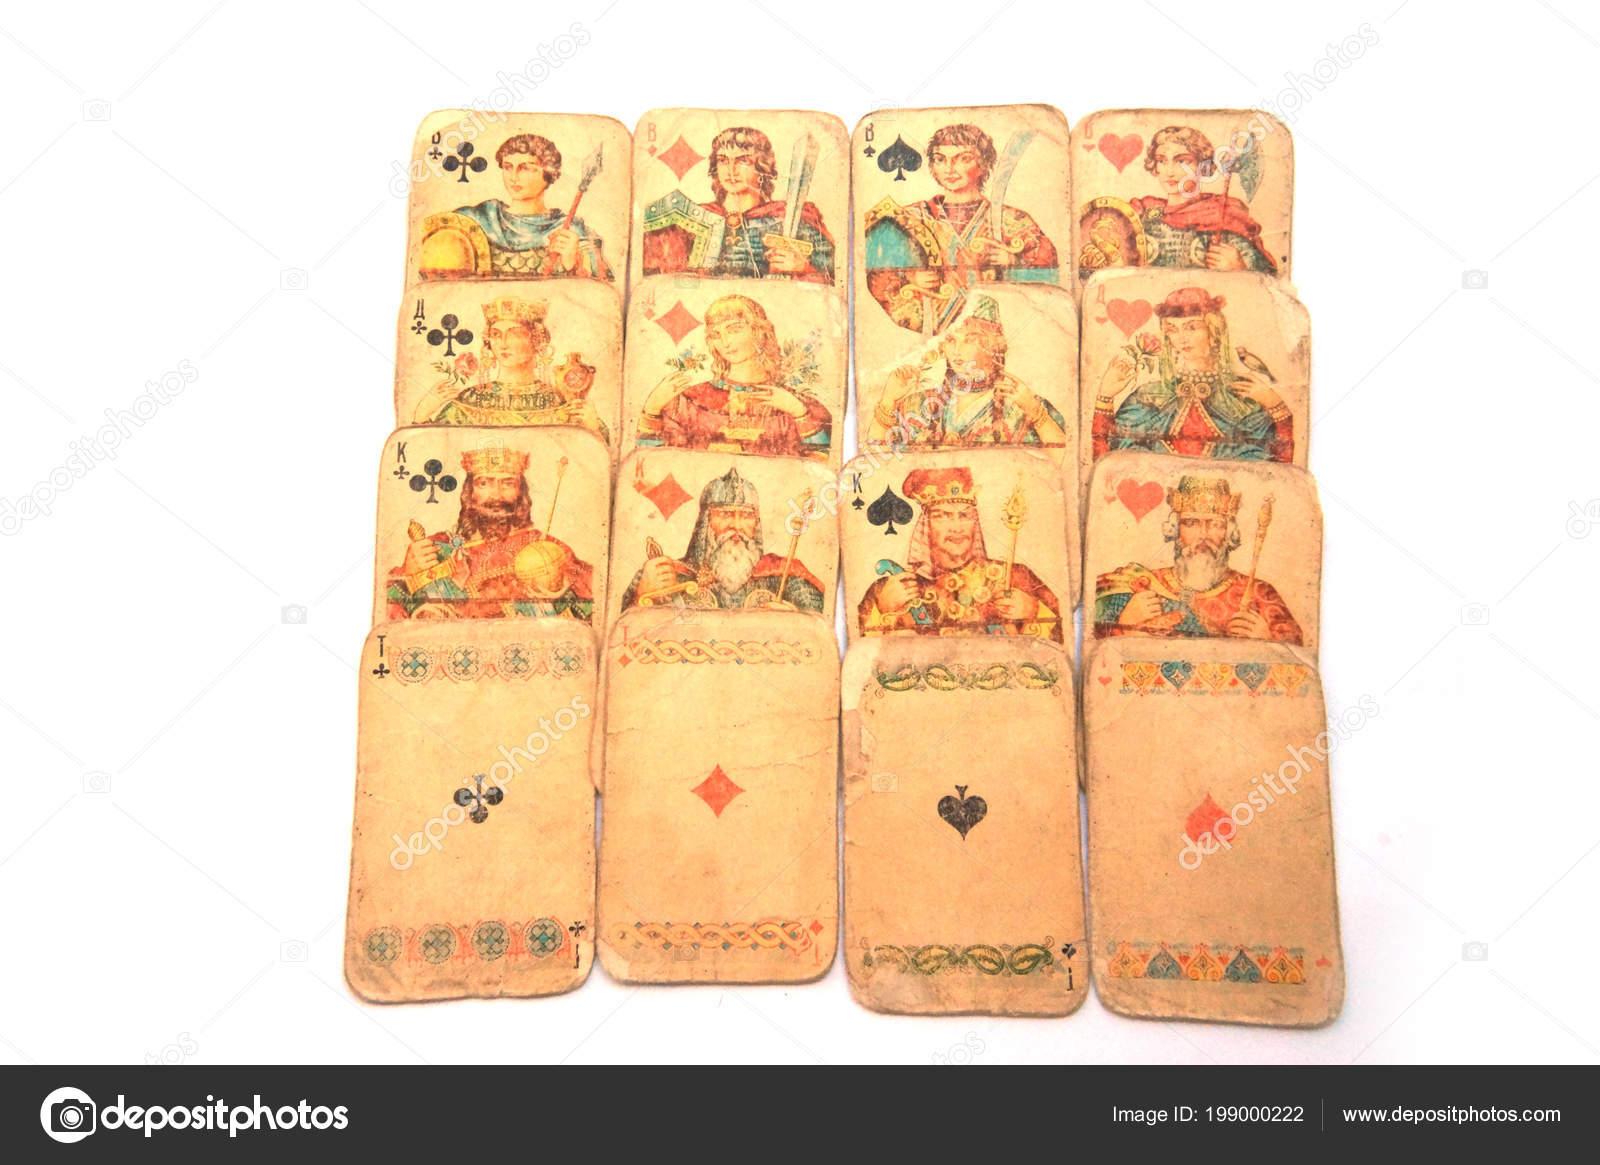 Vintage Jugando Las Cartas Naipes Juegos Azar Club Juego Mesa Foto